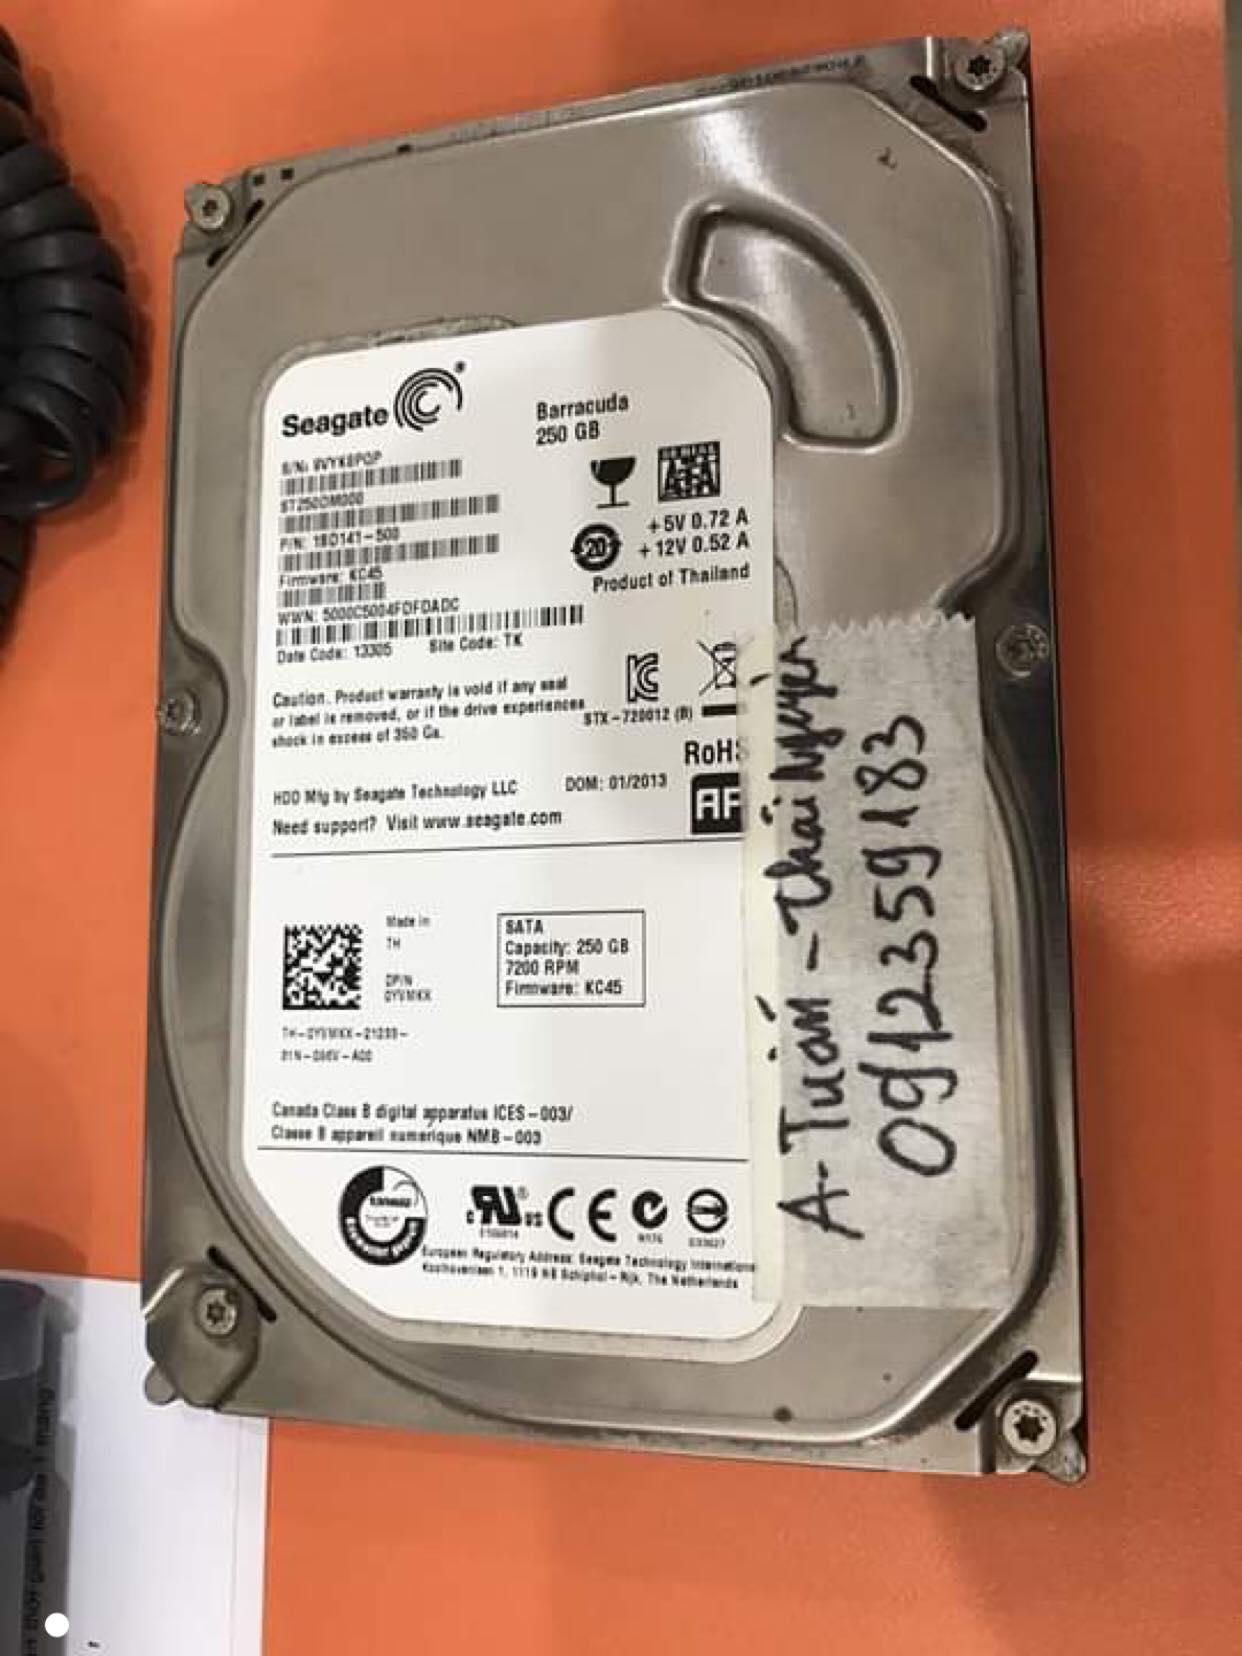 Cứu dữ liệu ổ cứng Seagate 250GB không nhận tại Thái Nguyên 22/08/2019 - cuumaytinh